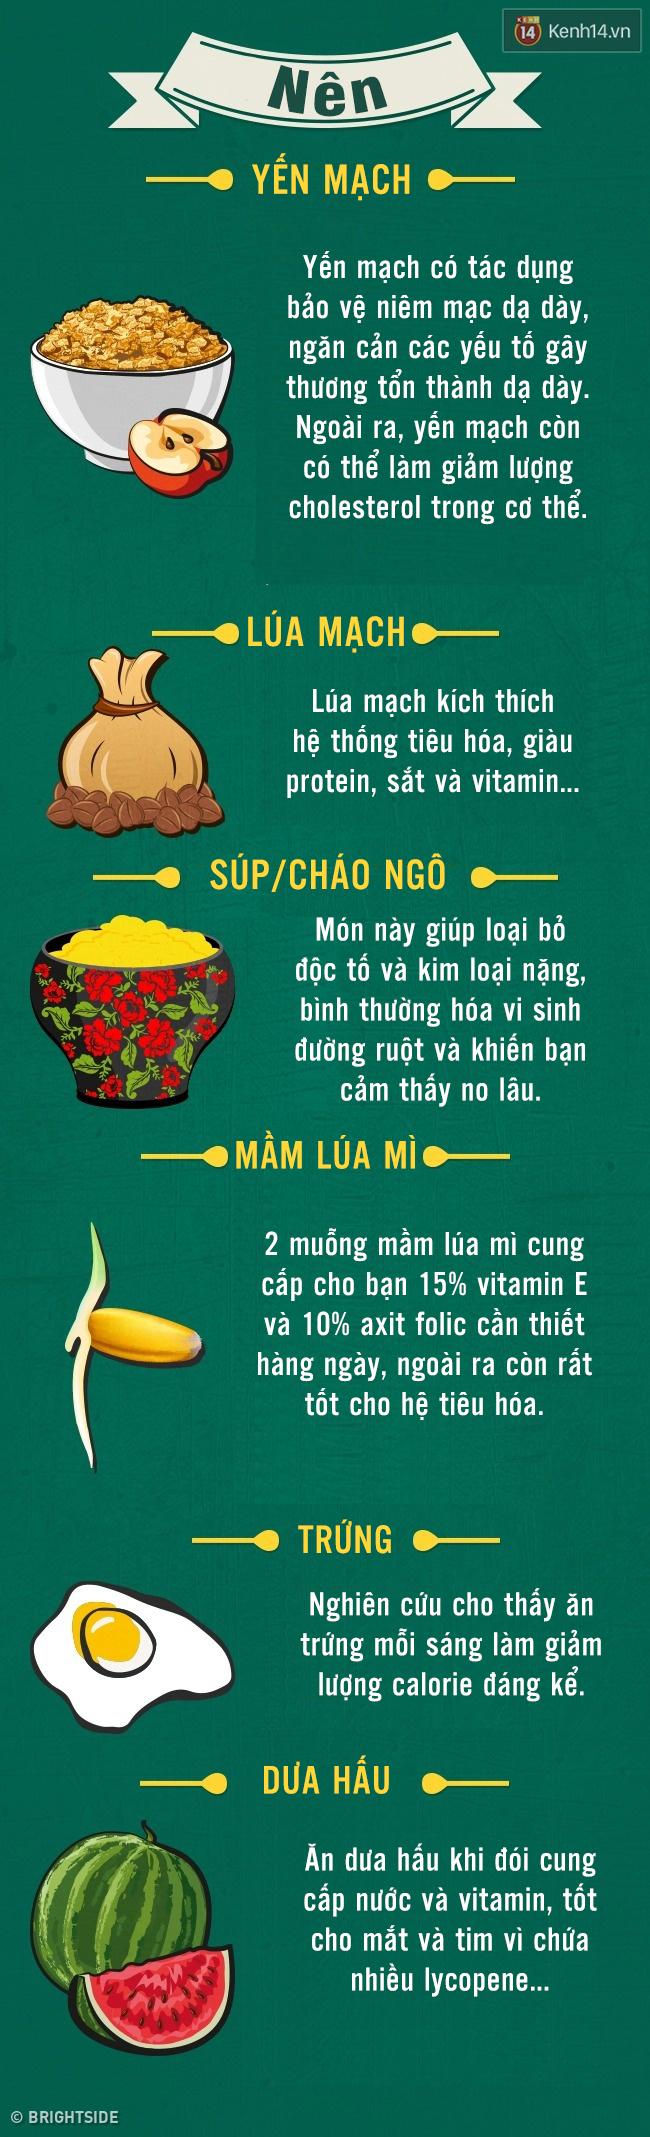 10 thực phẩm nhất định không được ăn khi đói - Ảnh 3.